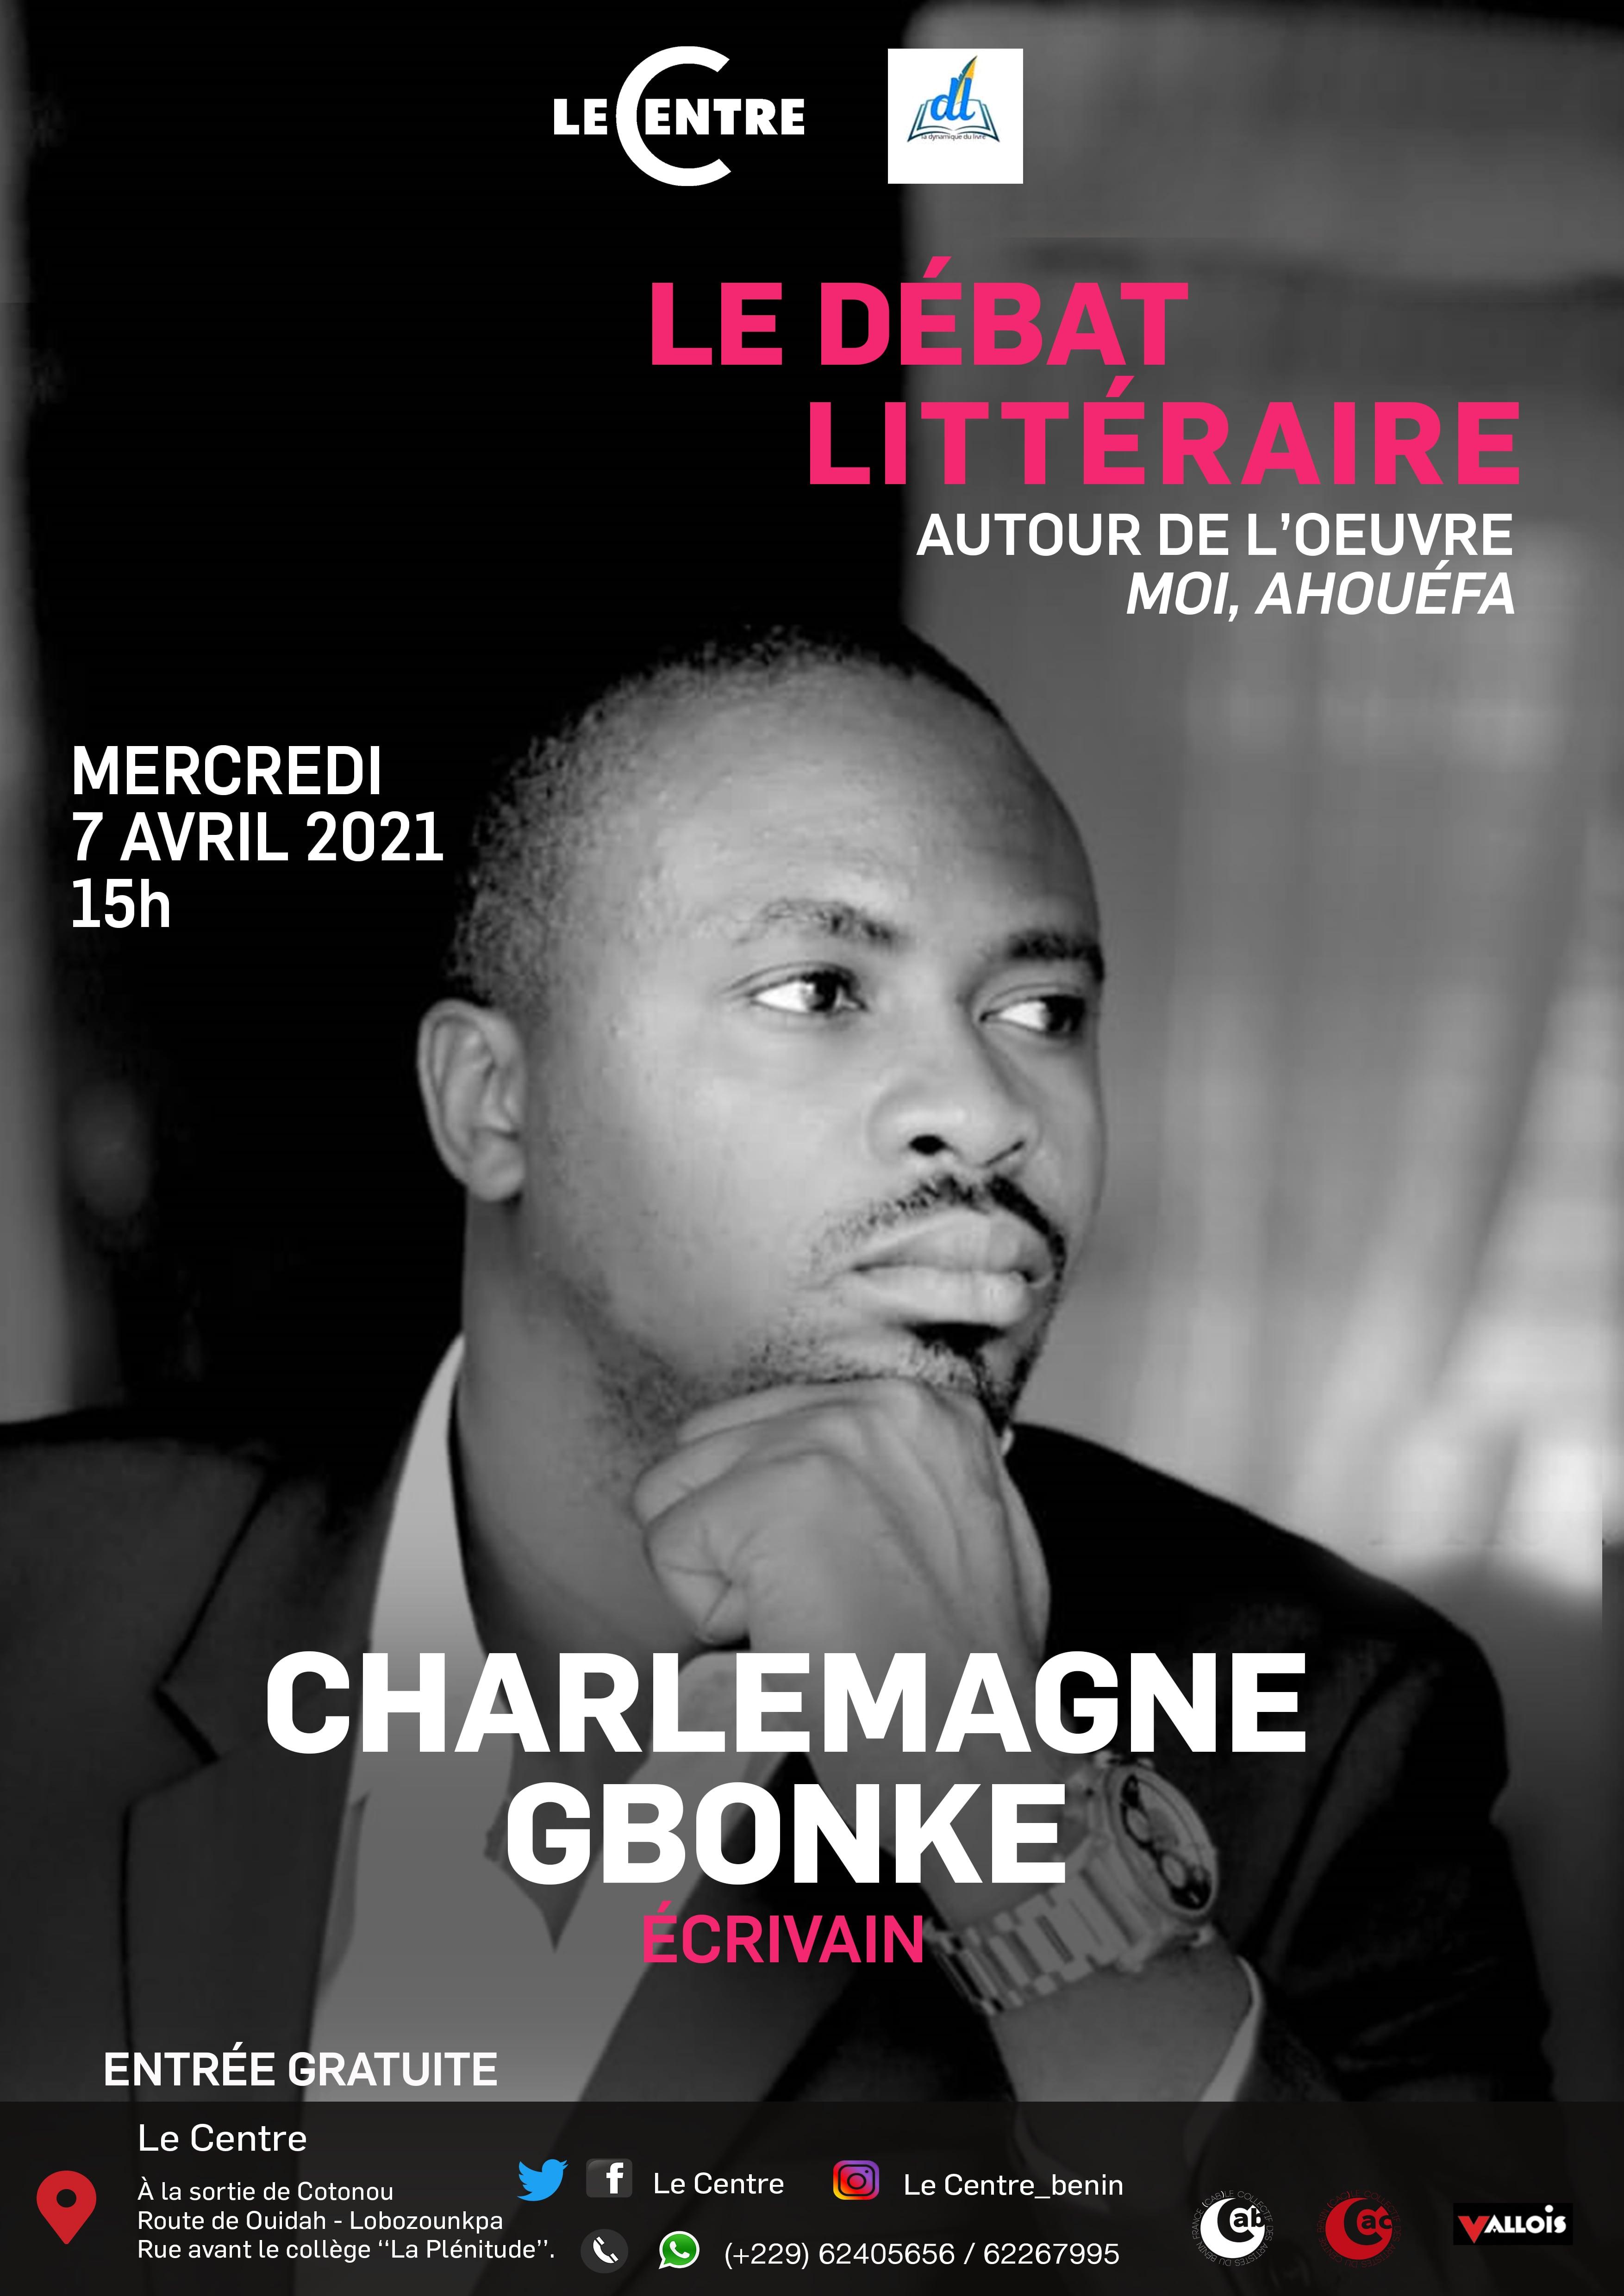 Le débat littéraire, Charlemagne Gbonkê